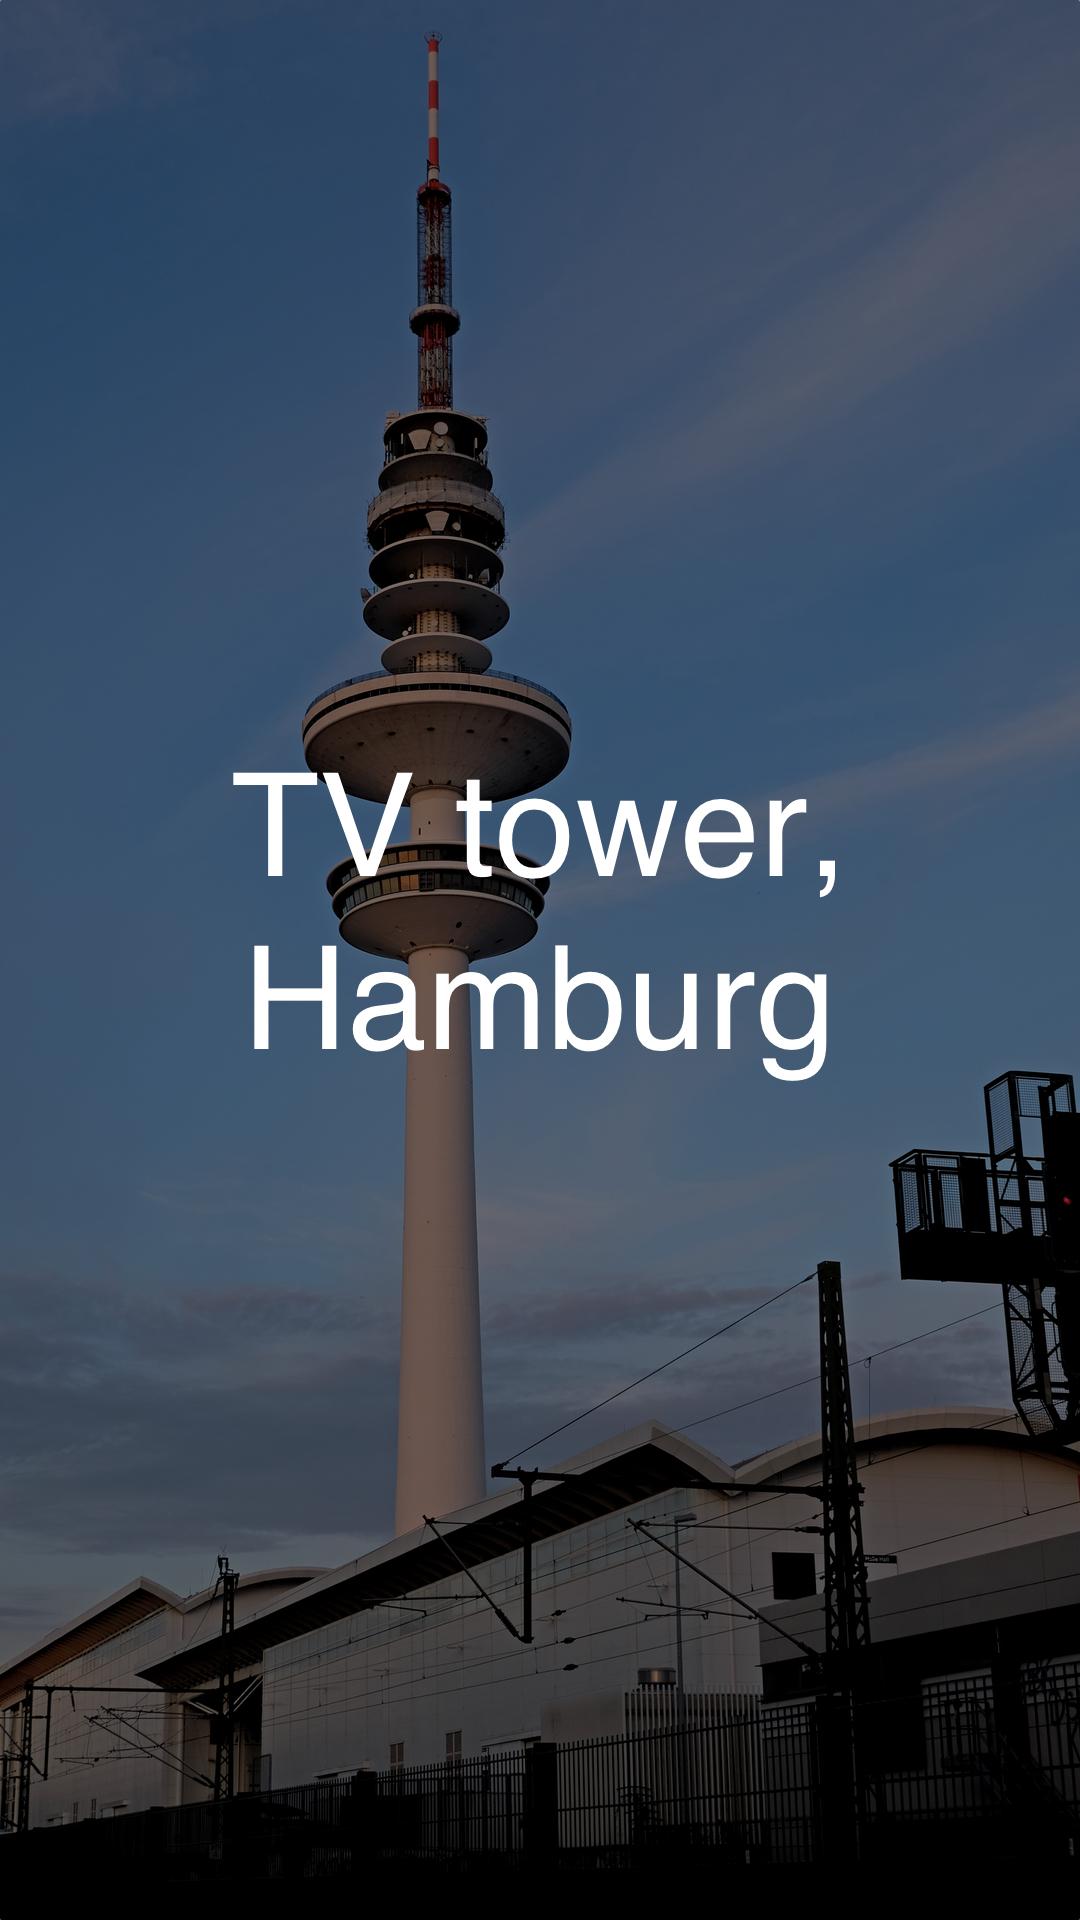 TV-Tower Hamburg 1920x1080 dark